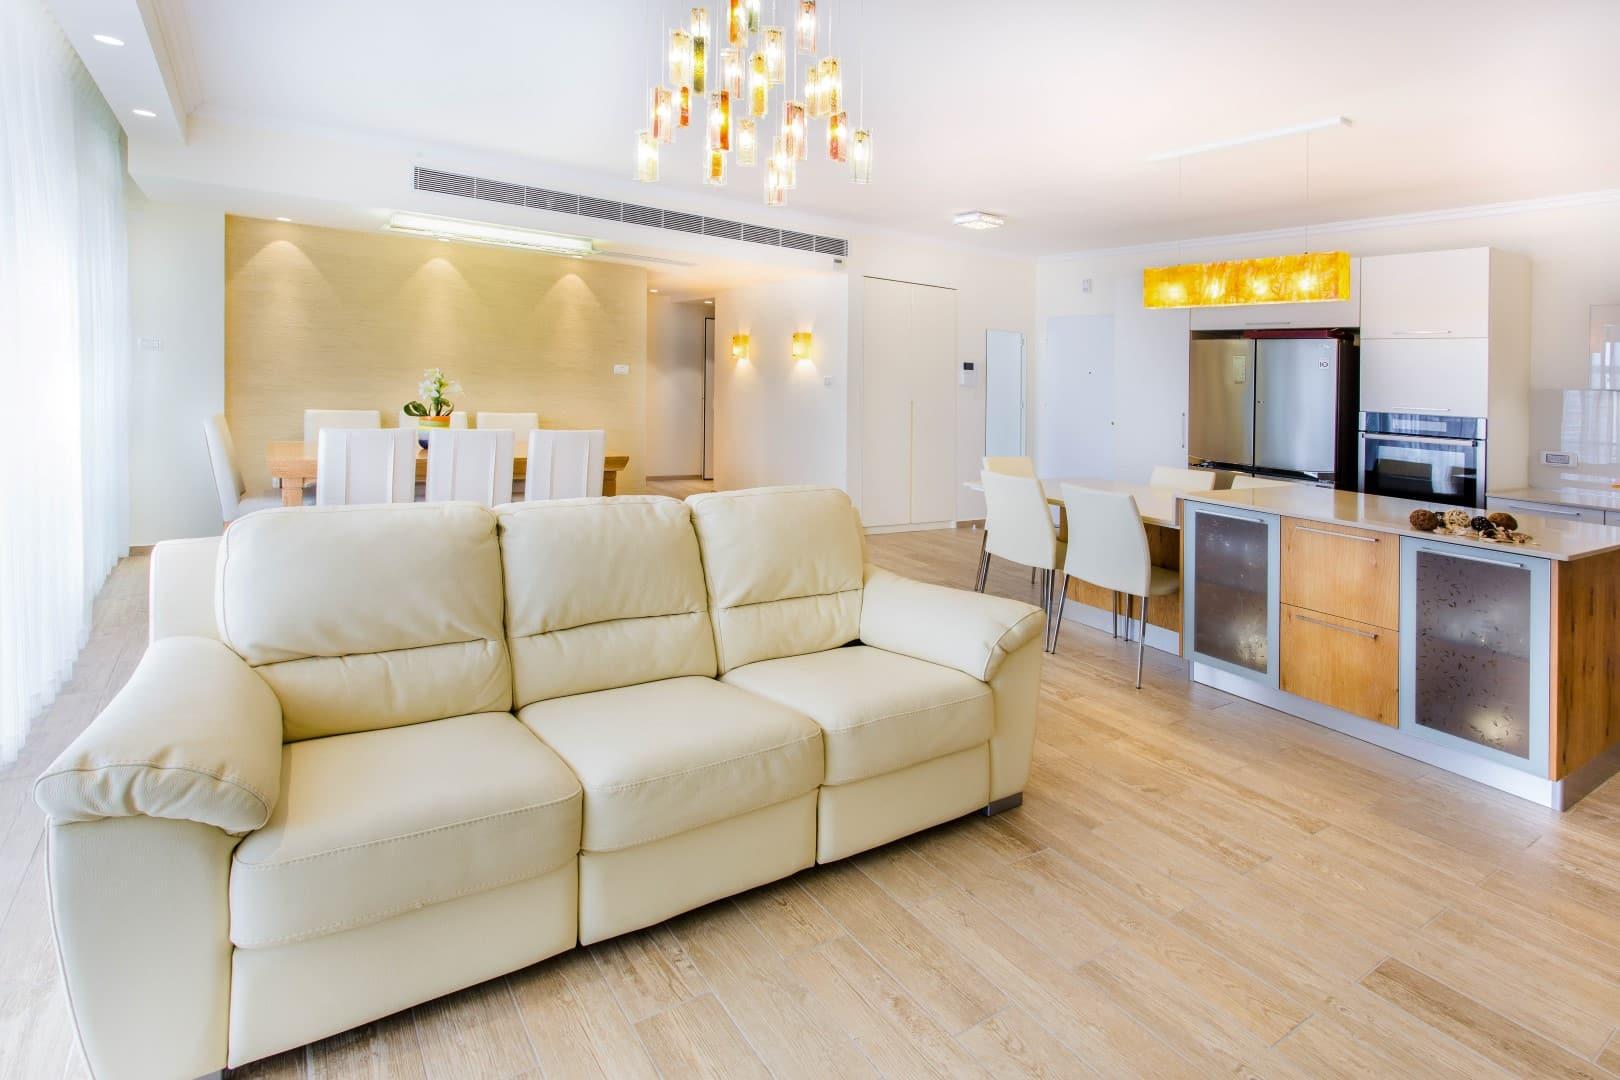 10 הטעויות שלא כדאי שתעשו בעיצוב הבית שלכם, גוף תאורה תלוי מול פתחי המיזוג, ענבל קרקו עיצוב פנים ופנג שואי